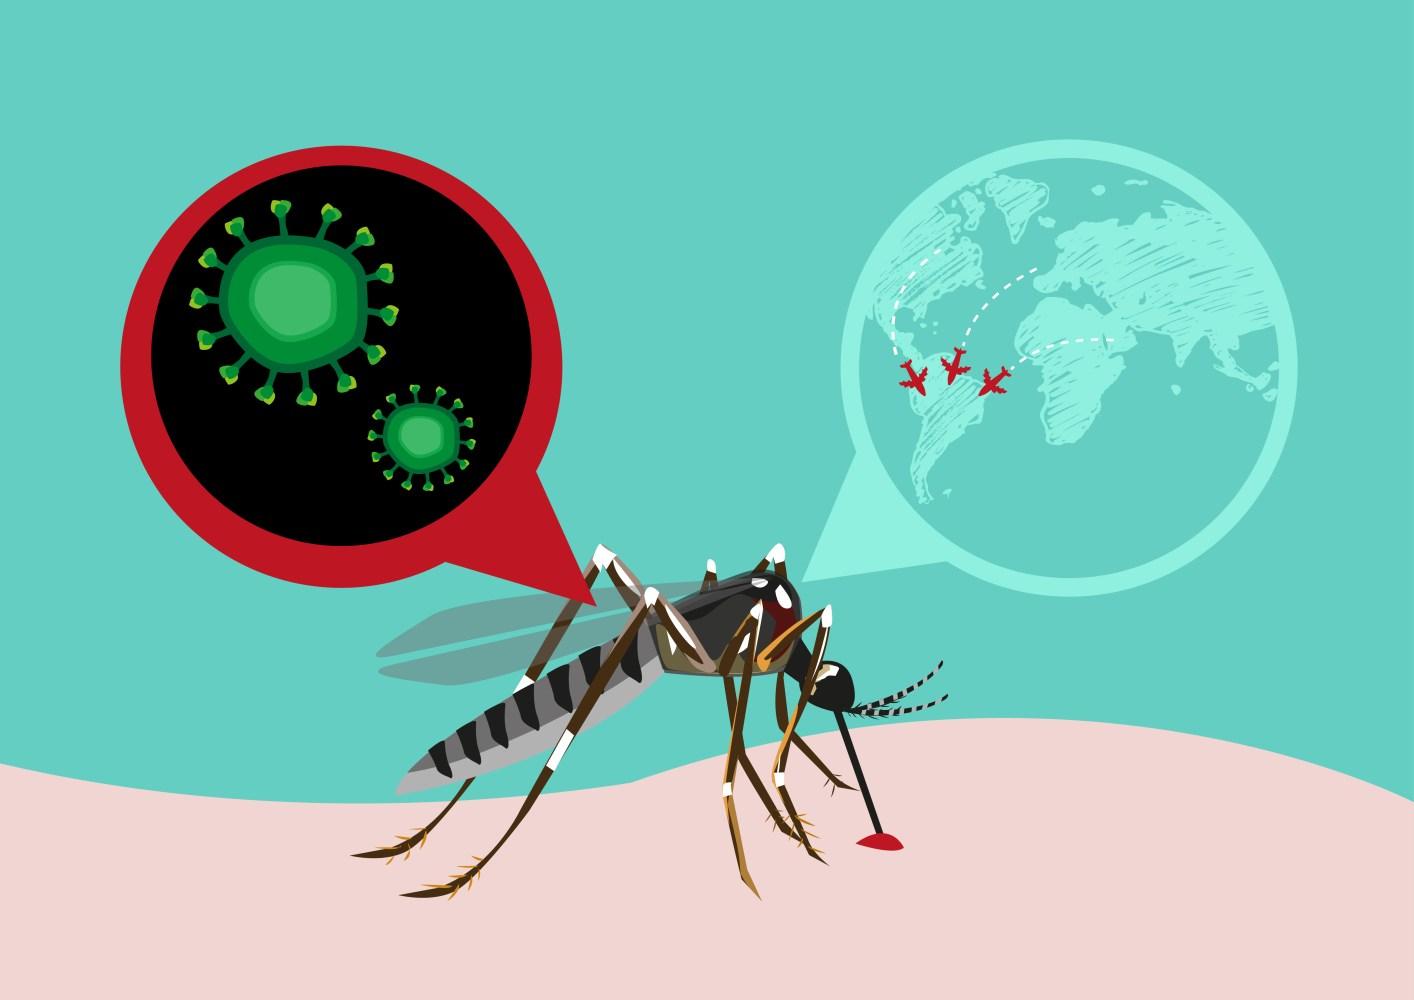 Talvez o problema não seja só o Zika vírus